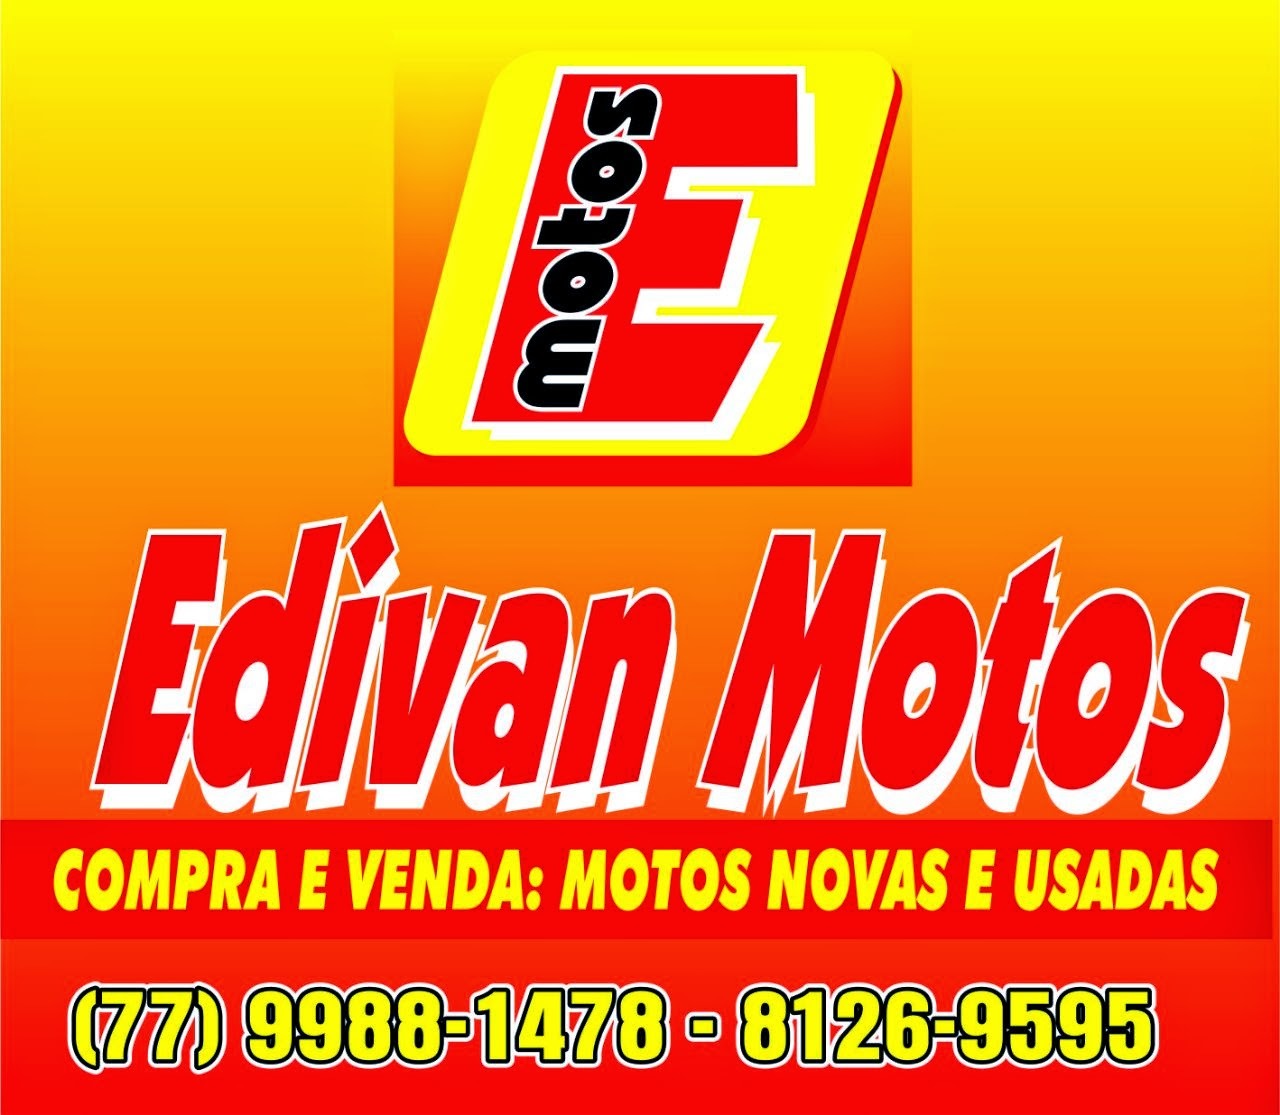 EDIVAN MOTOS